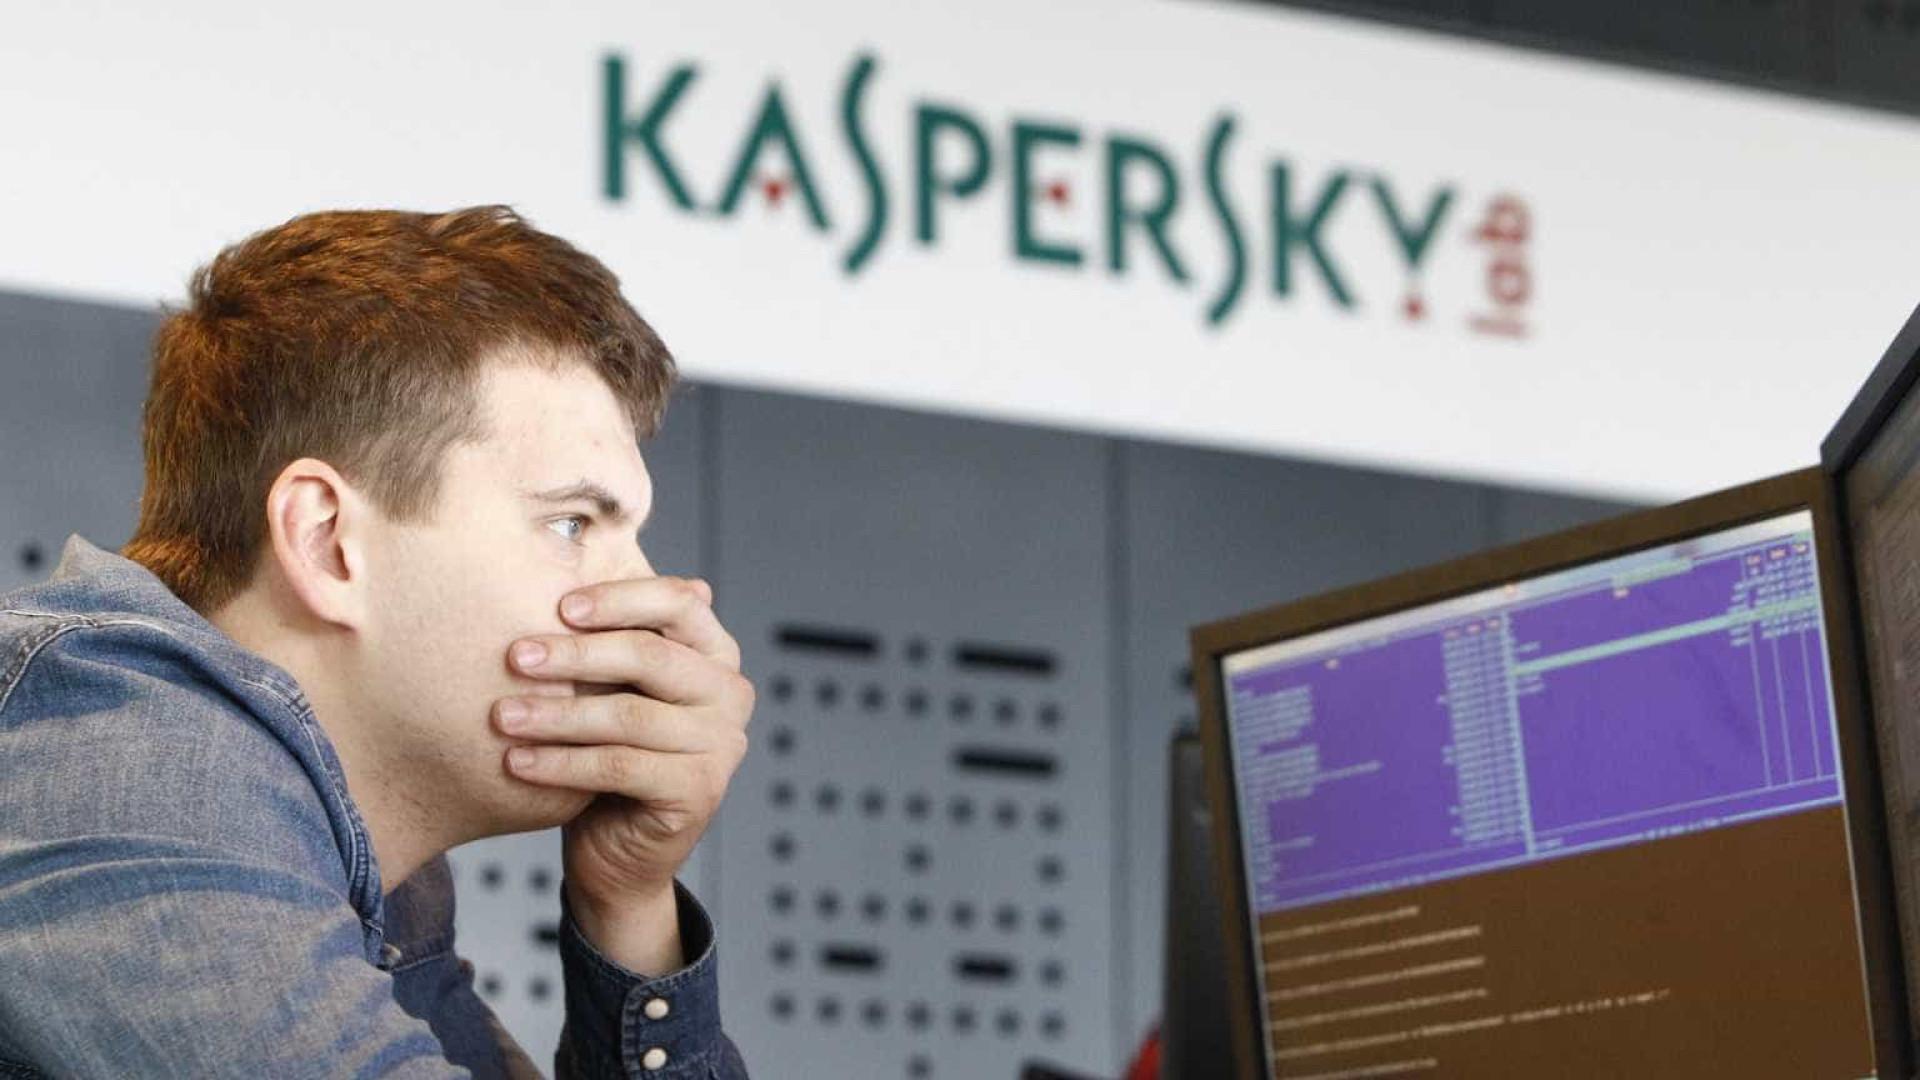 Antivírus Kaspersky acusado de ter pirateado computadores em todo o mundo